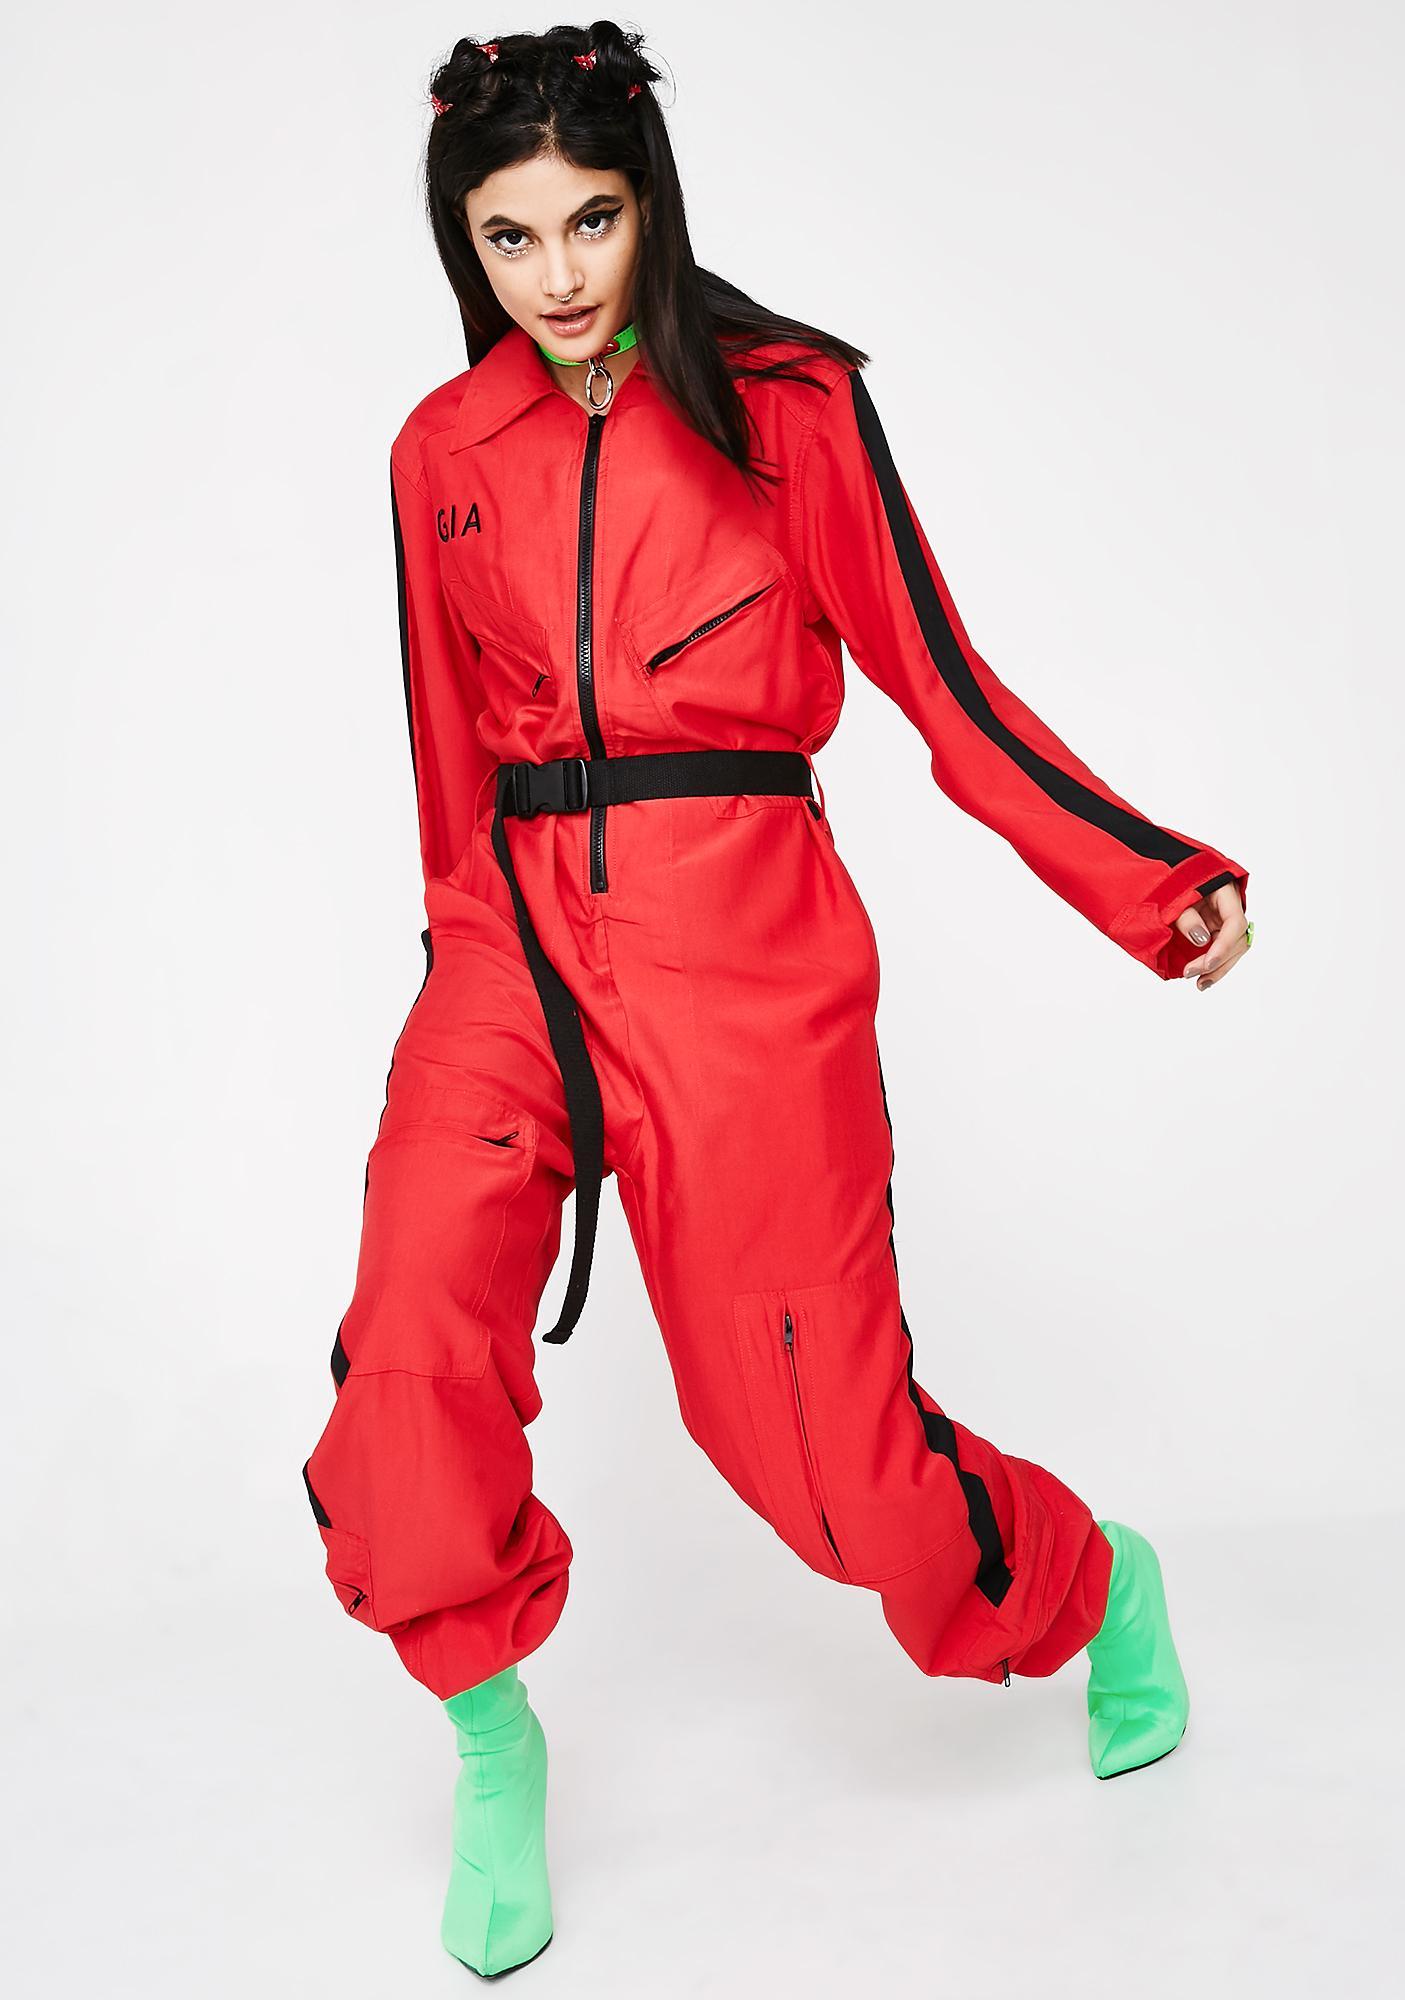 I AM GIA Burn Boiler 2.0 Jumpsuit